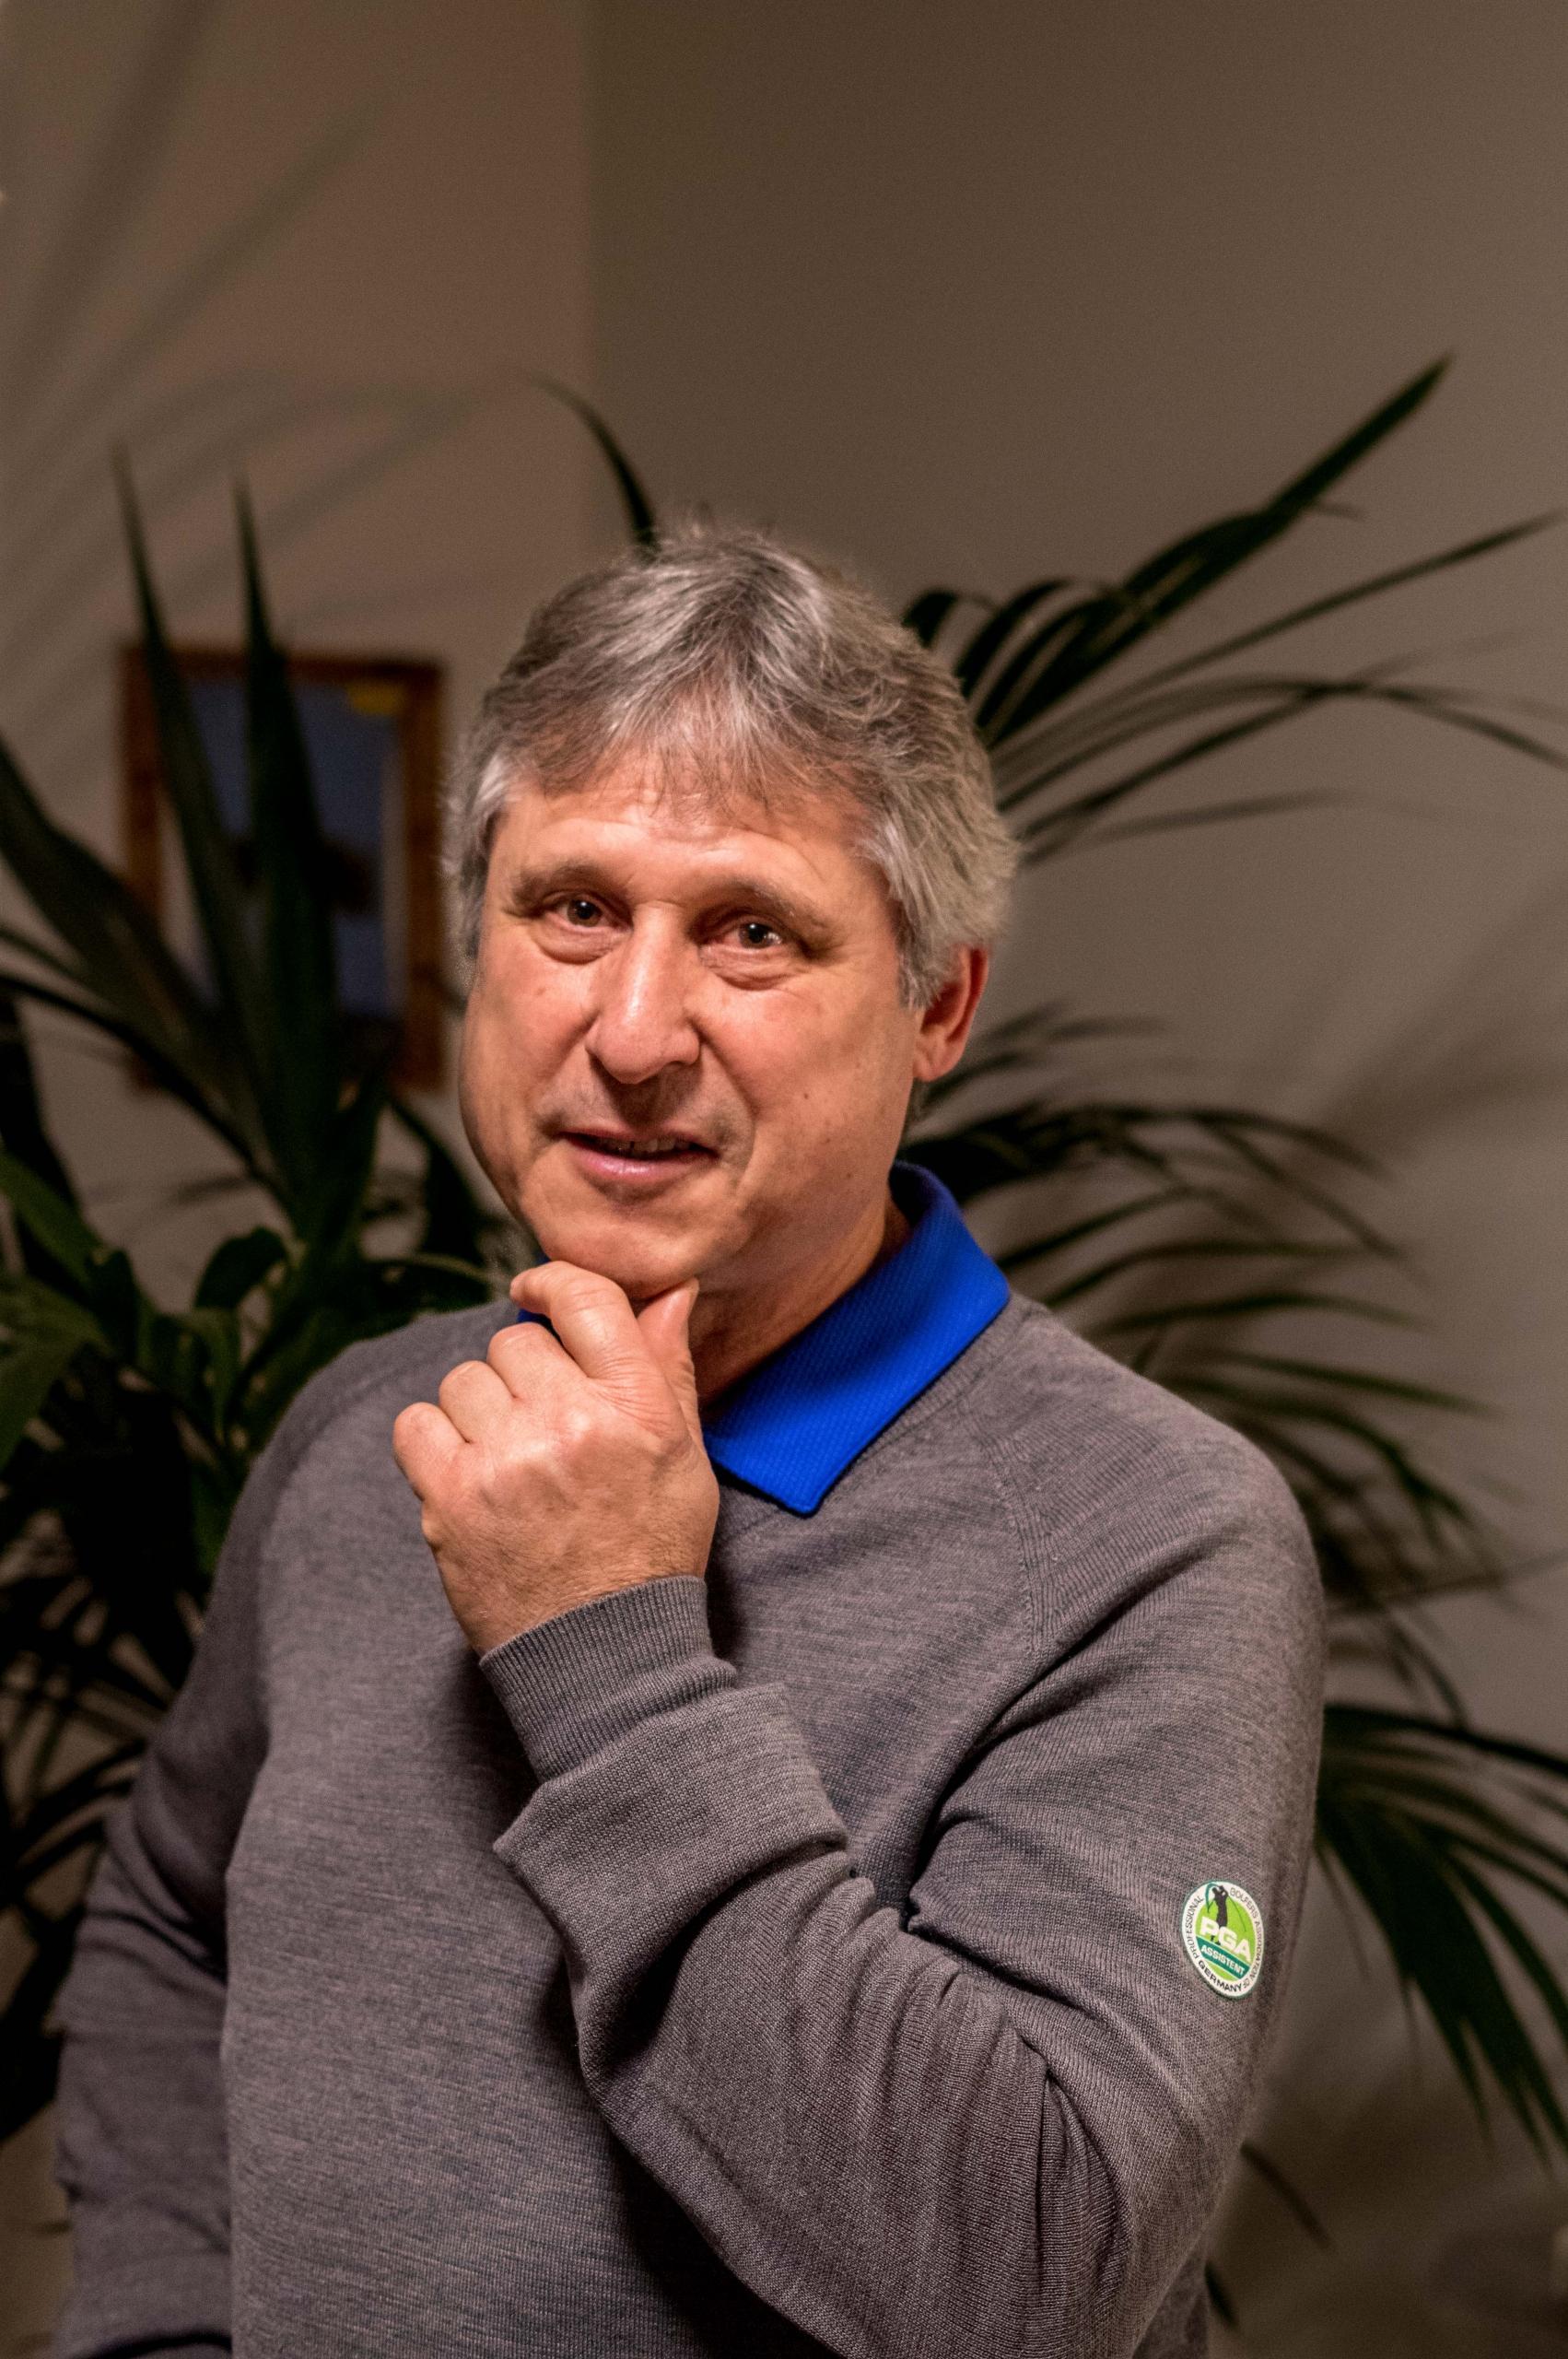 Herbert Muser